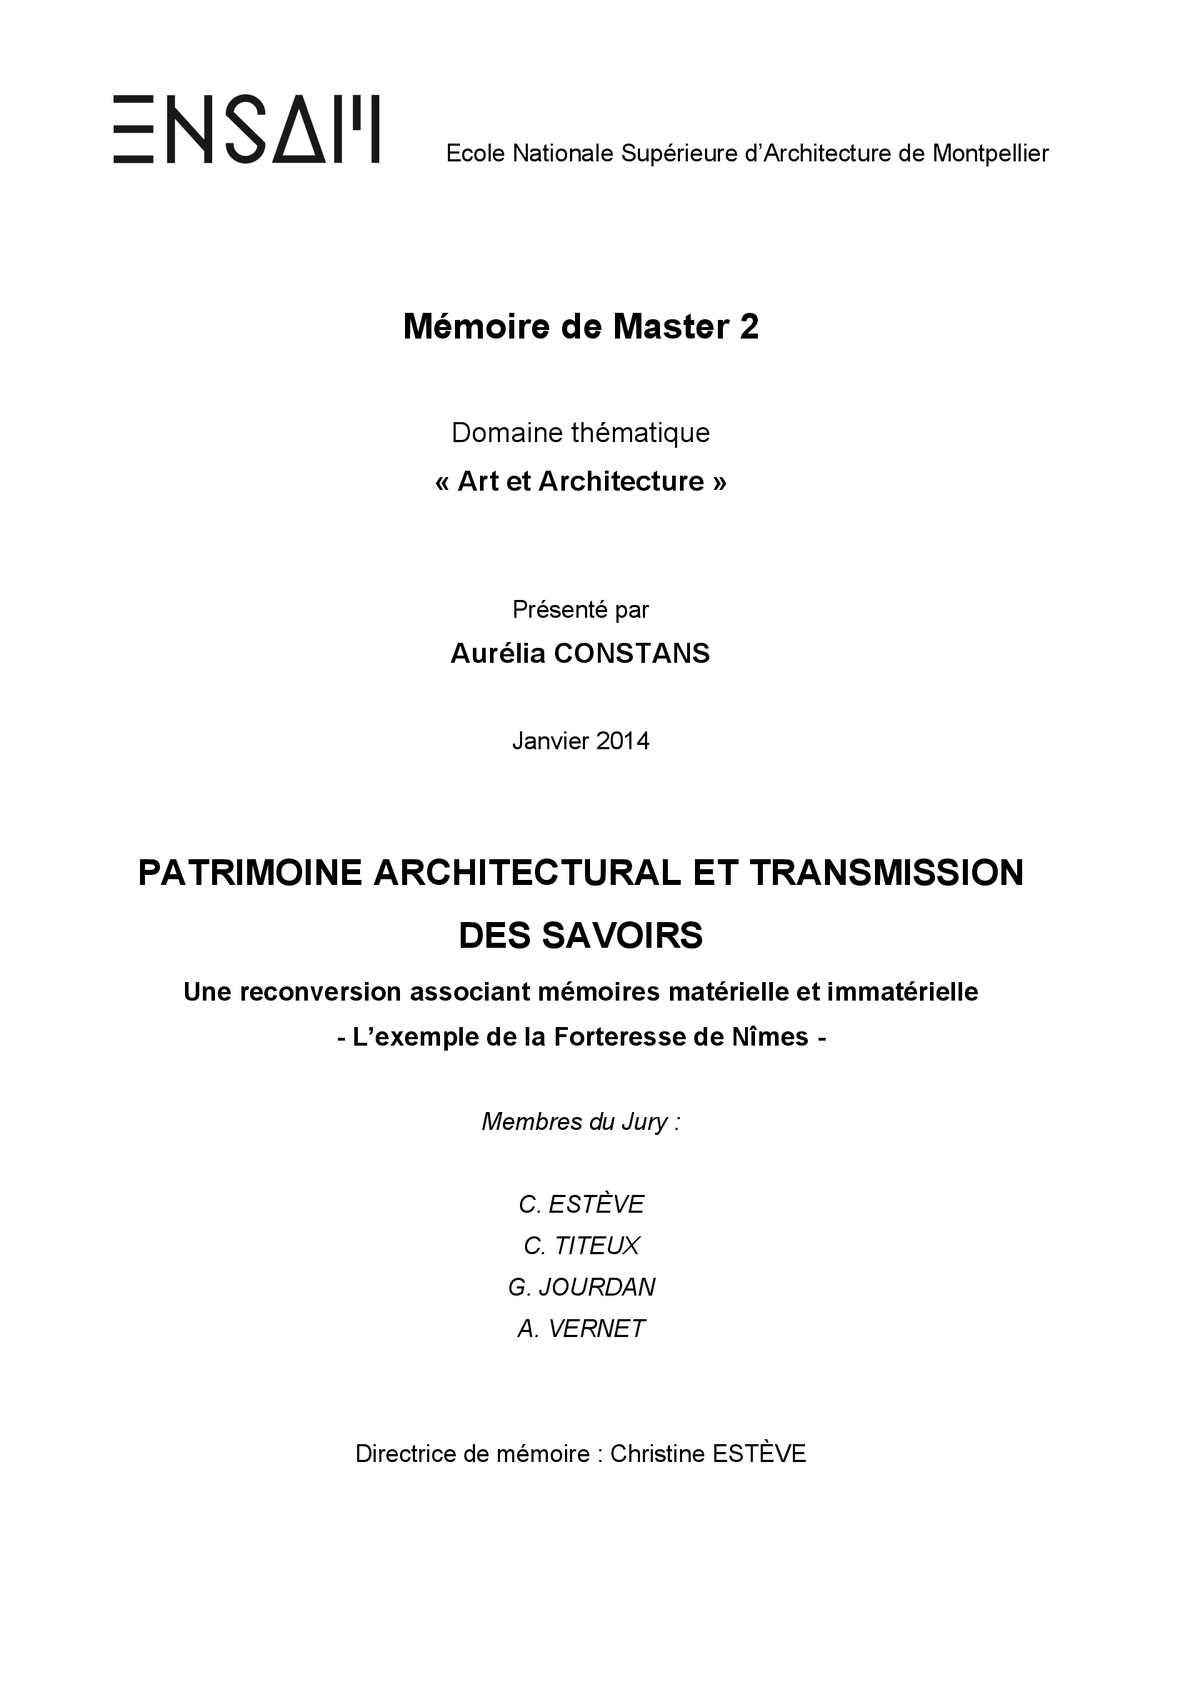 PATRIMOINE ARCHITECTURAL ET TRANSMISSION DES SAVOIRS, Une reconversion associant mémoires matérielle et immatérielle, L'exemple de la Forteresse de Nîmes